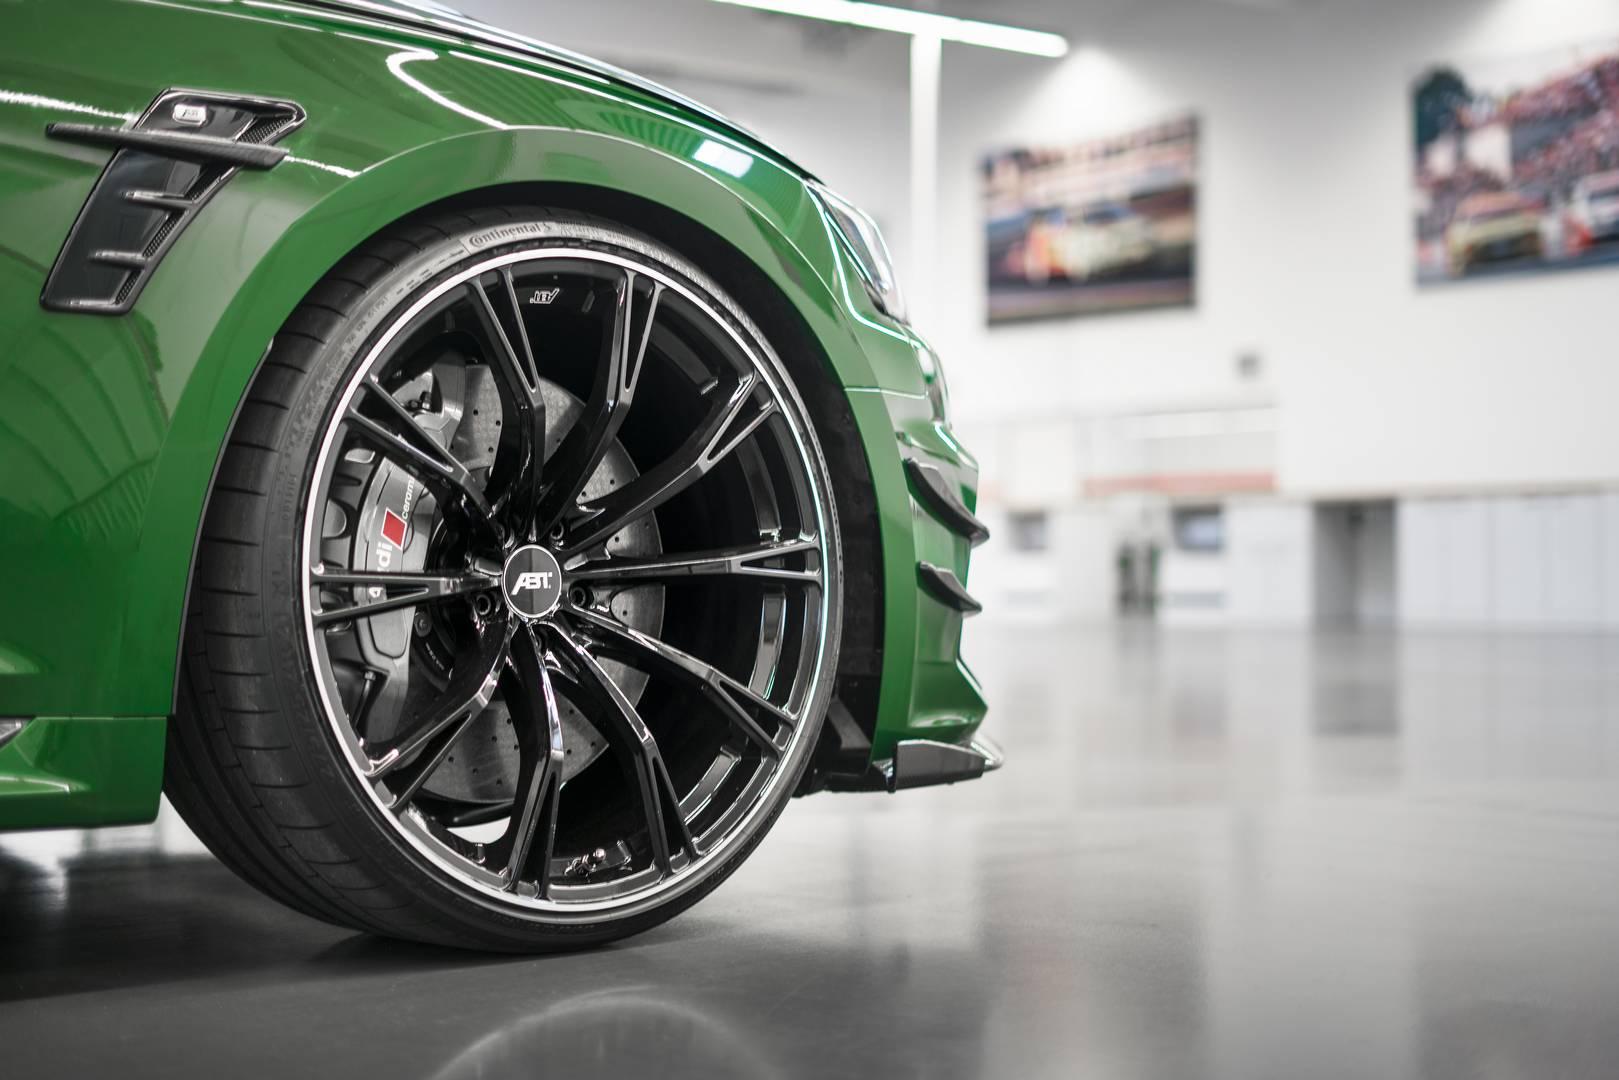 Пока ничего не известно о цене автомобиля, но мы подозреваем, что каждый экземпляр будет продаваться по индивидуальной цене.